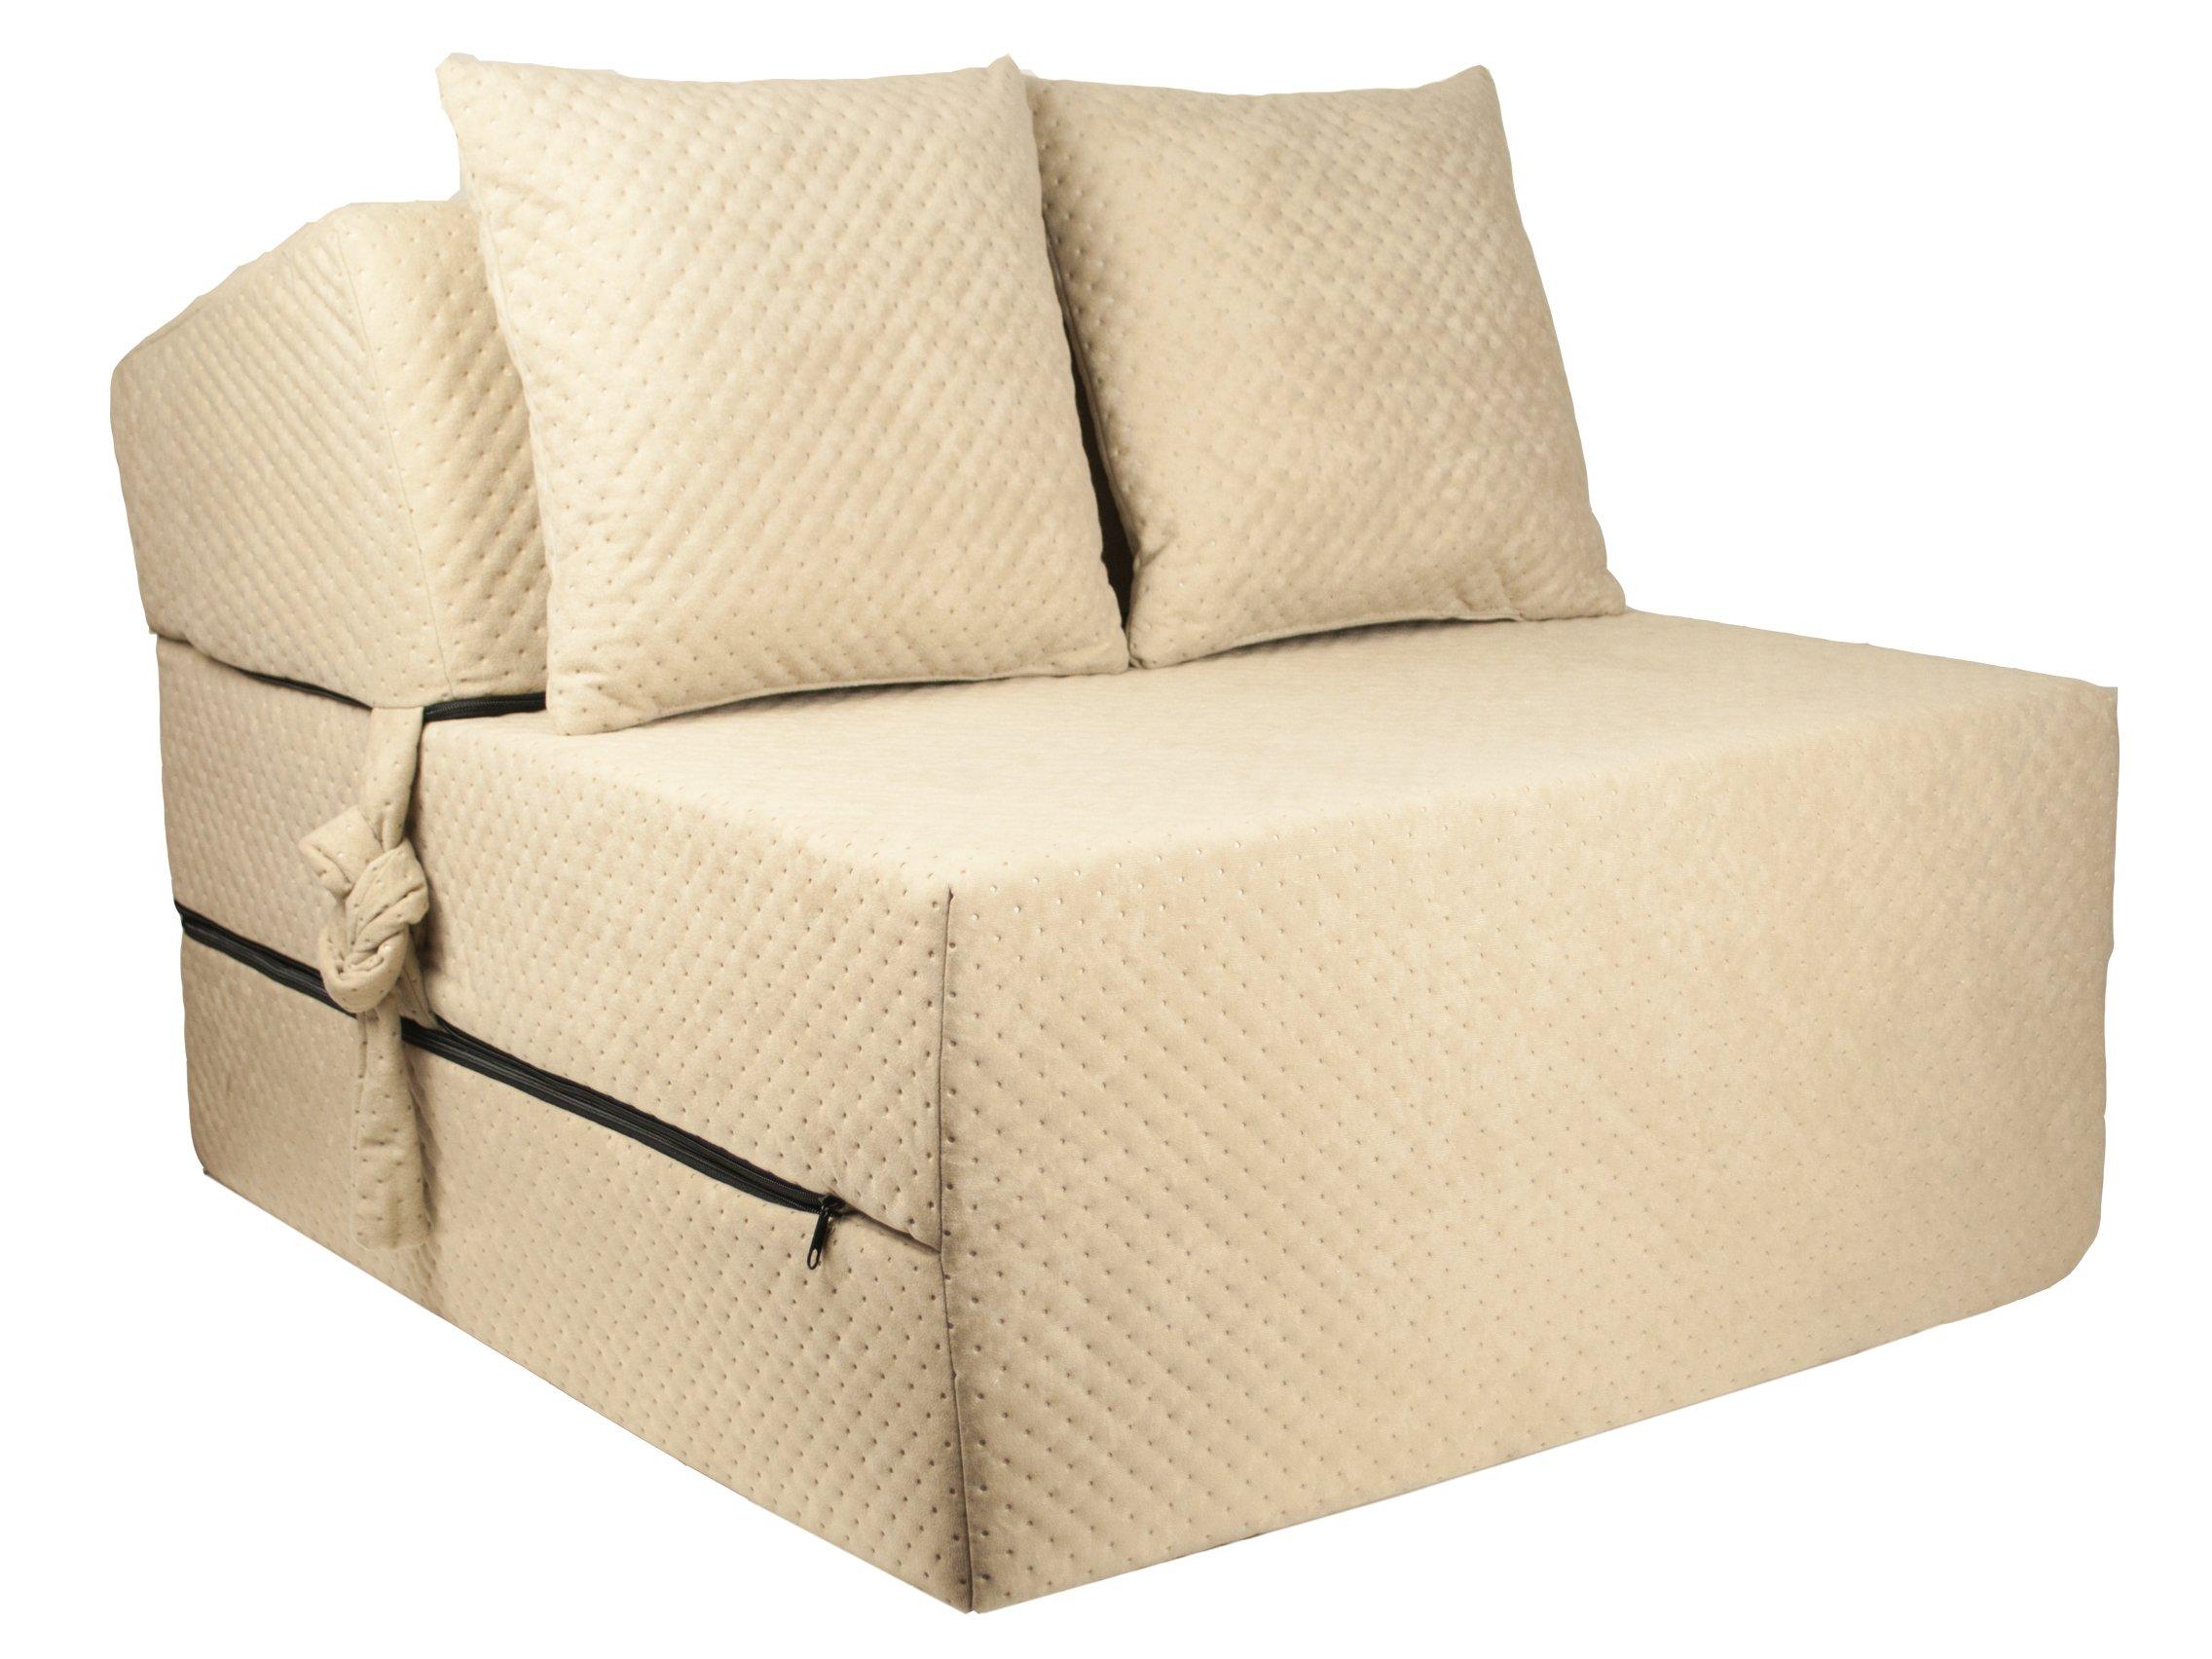 FIMEX Kreslo SUPER Comfort 70x200x15 Ecru